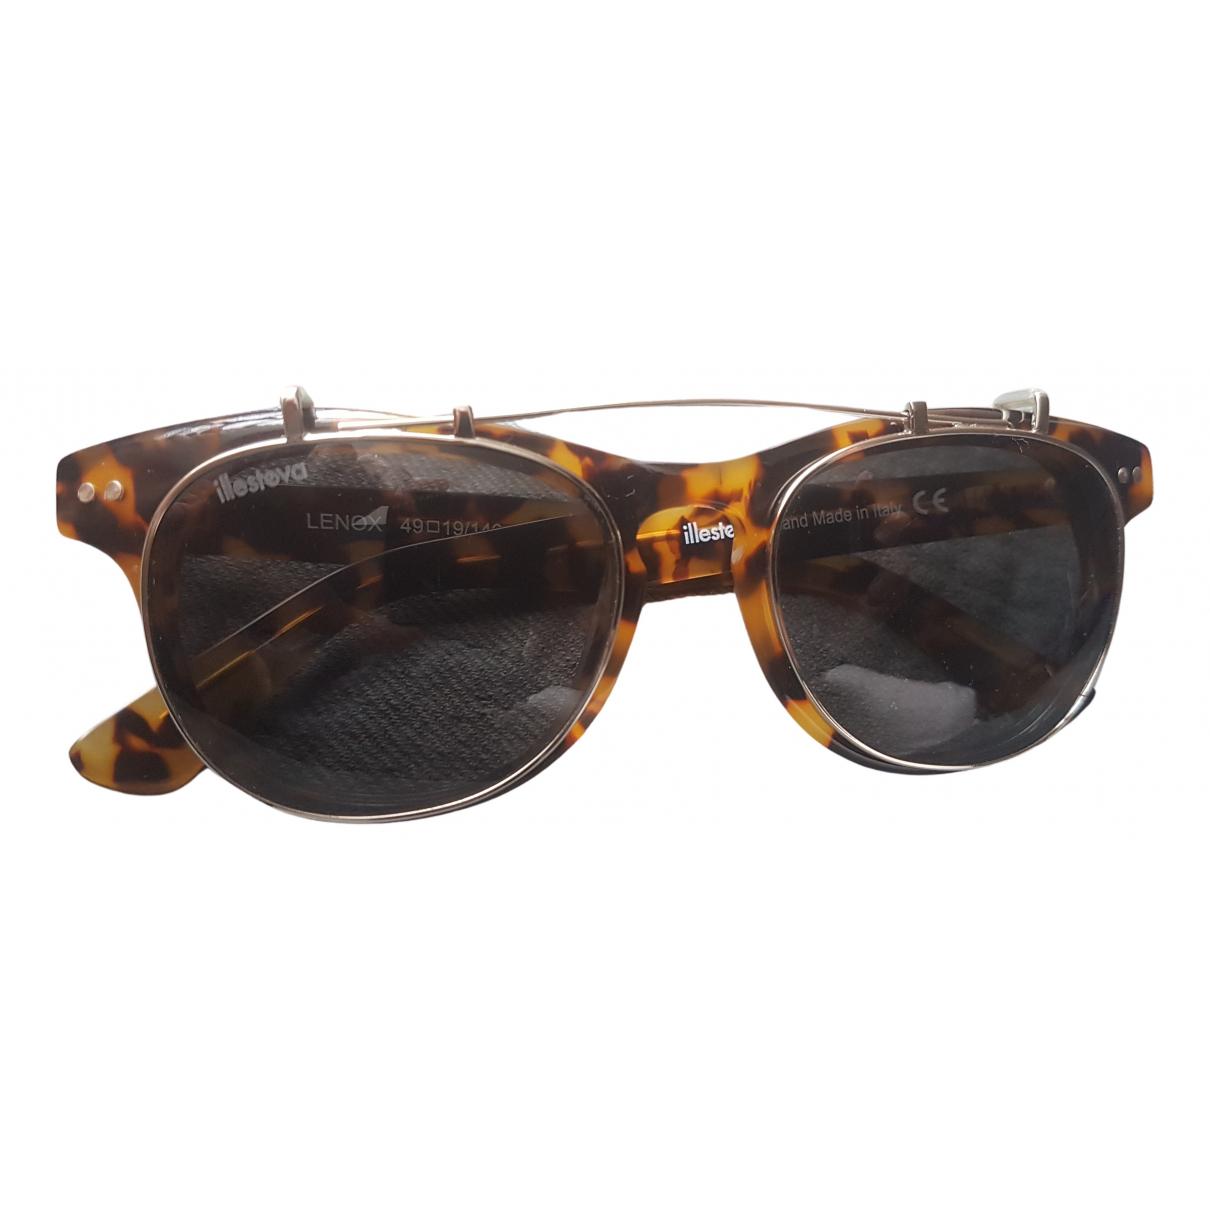 Illesteva N Brown Sunglasses for Men N